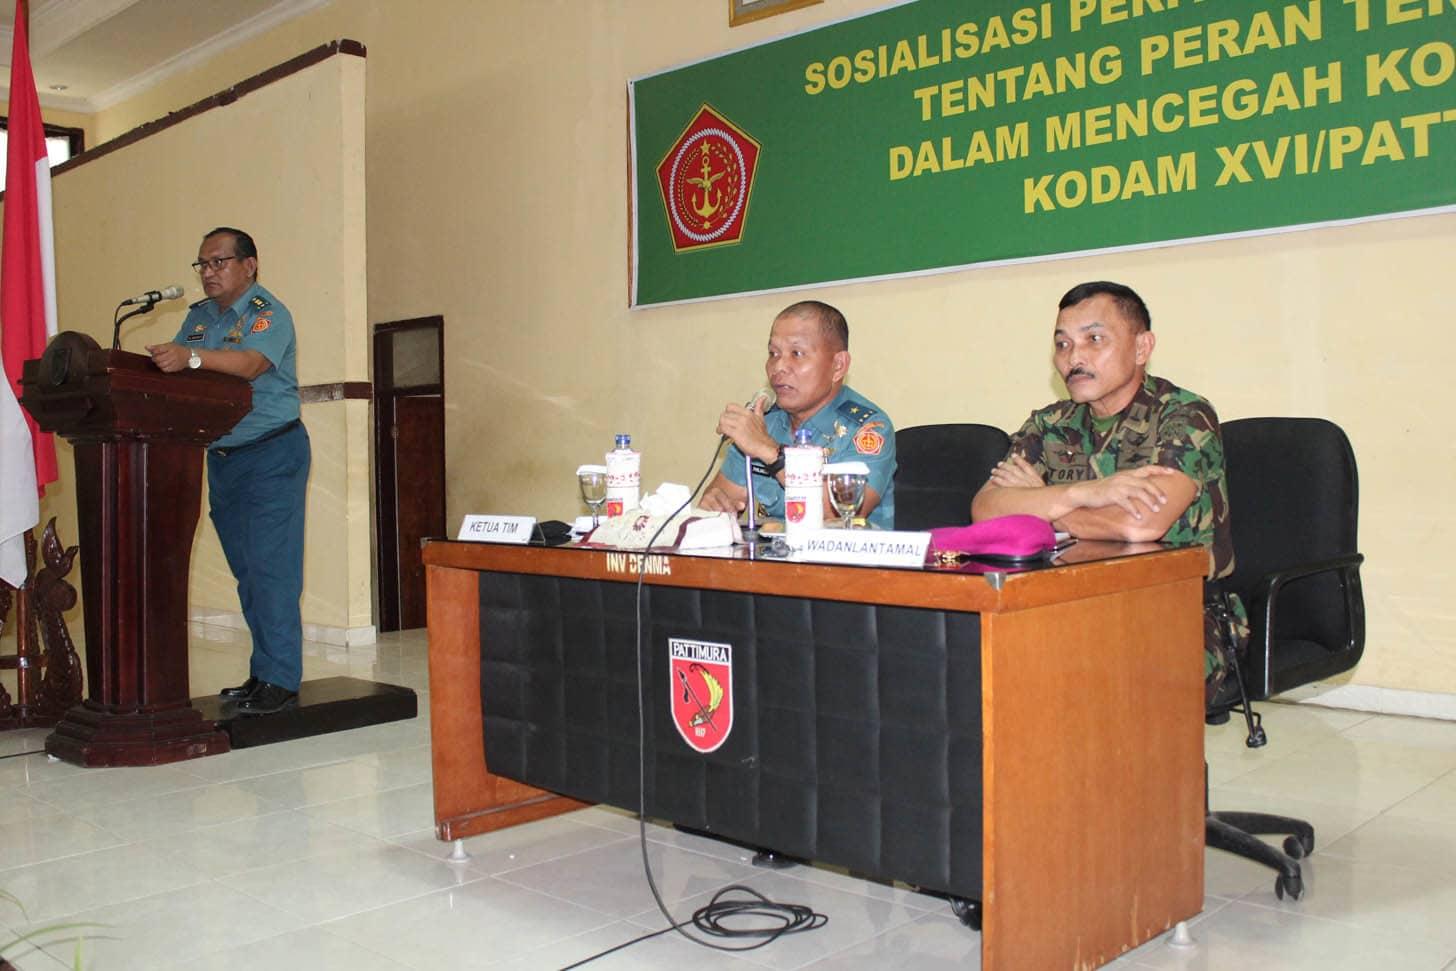 Sosialisasi Perpang TNI No 1 c